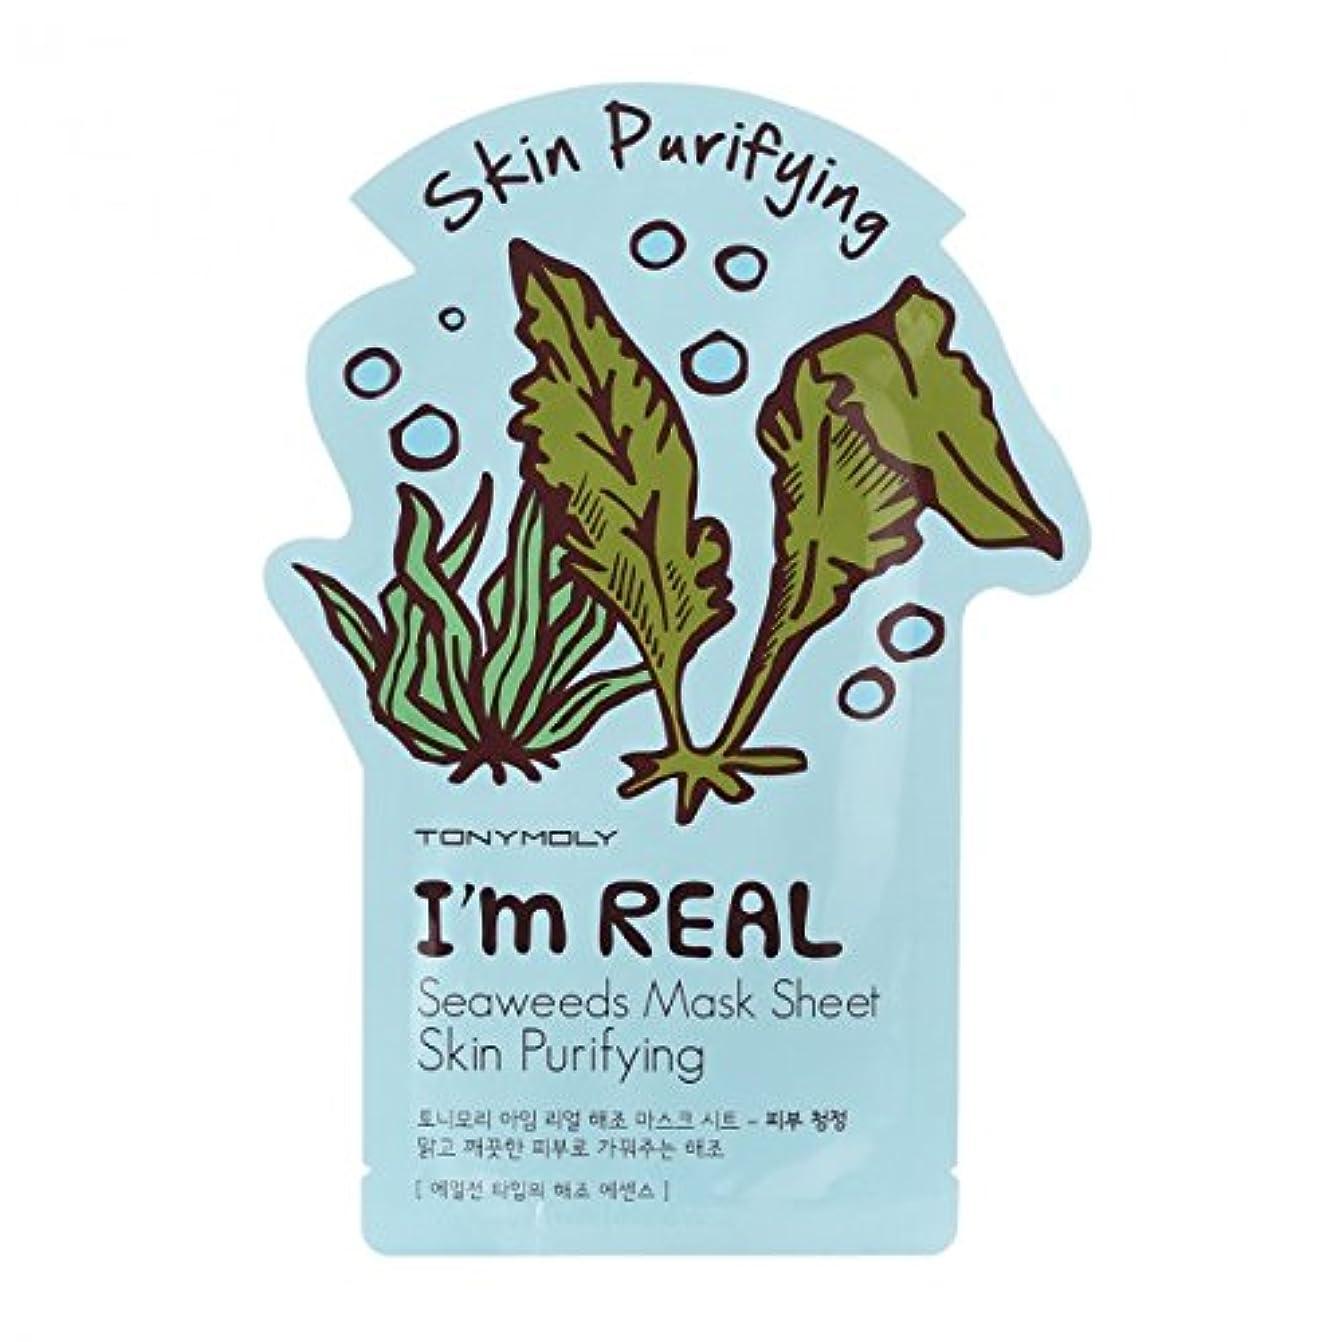 のホスト剥ぎ取る倒産TONYMOLY I'm Real Seaweeds Mask Sheet Skin Purifying (並行輸入品)